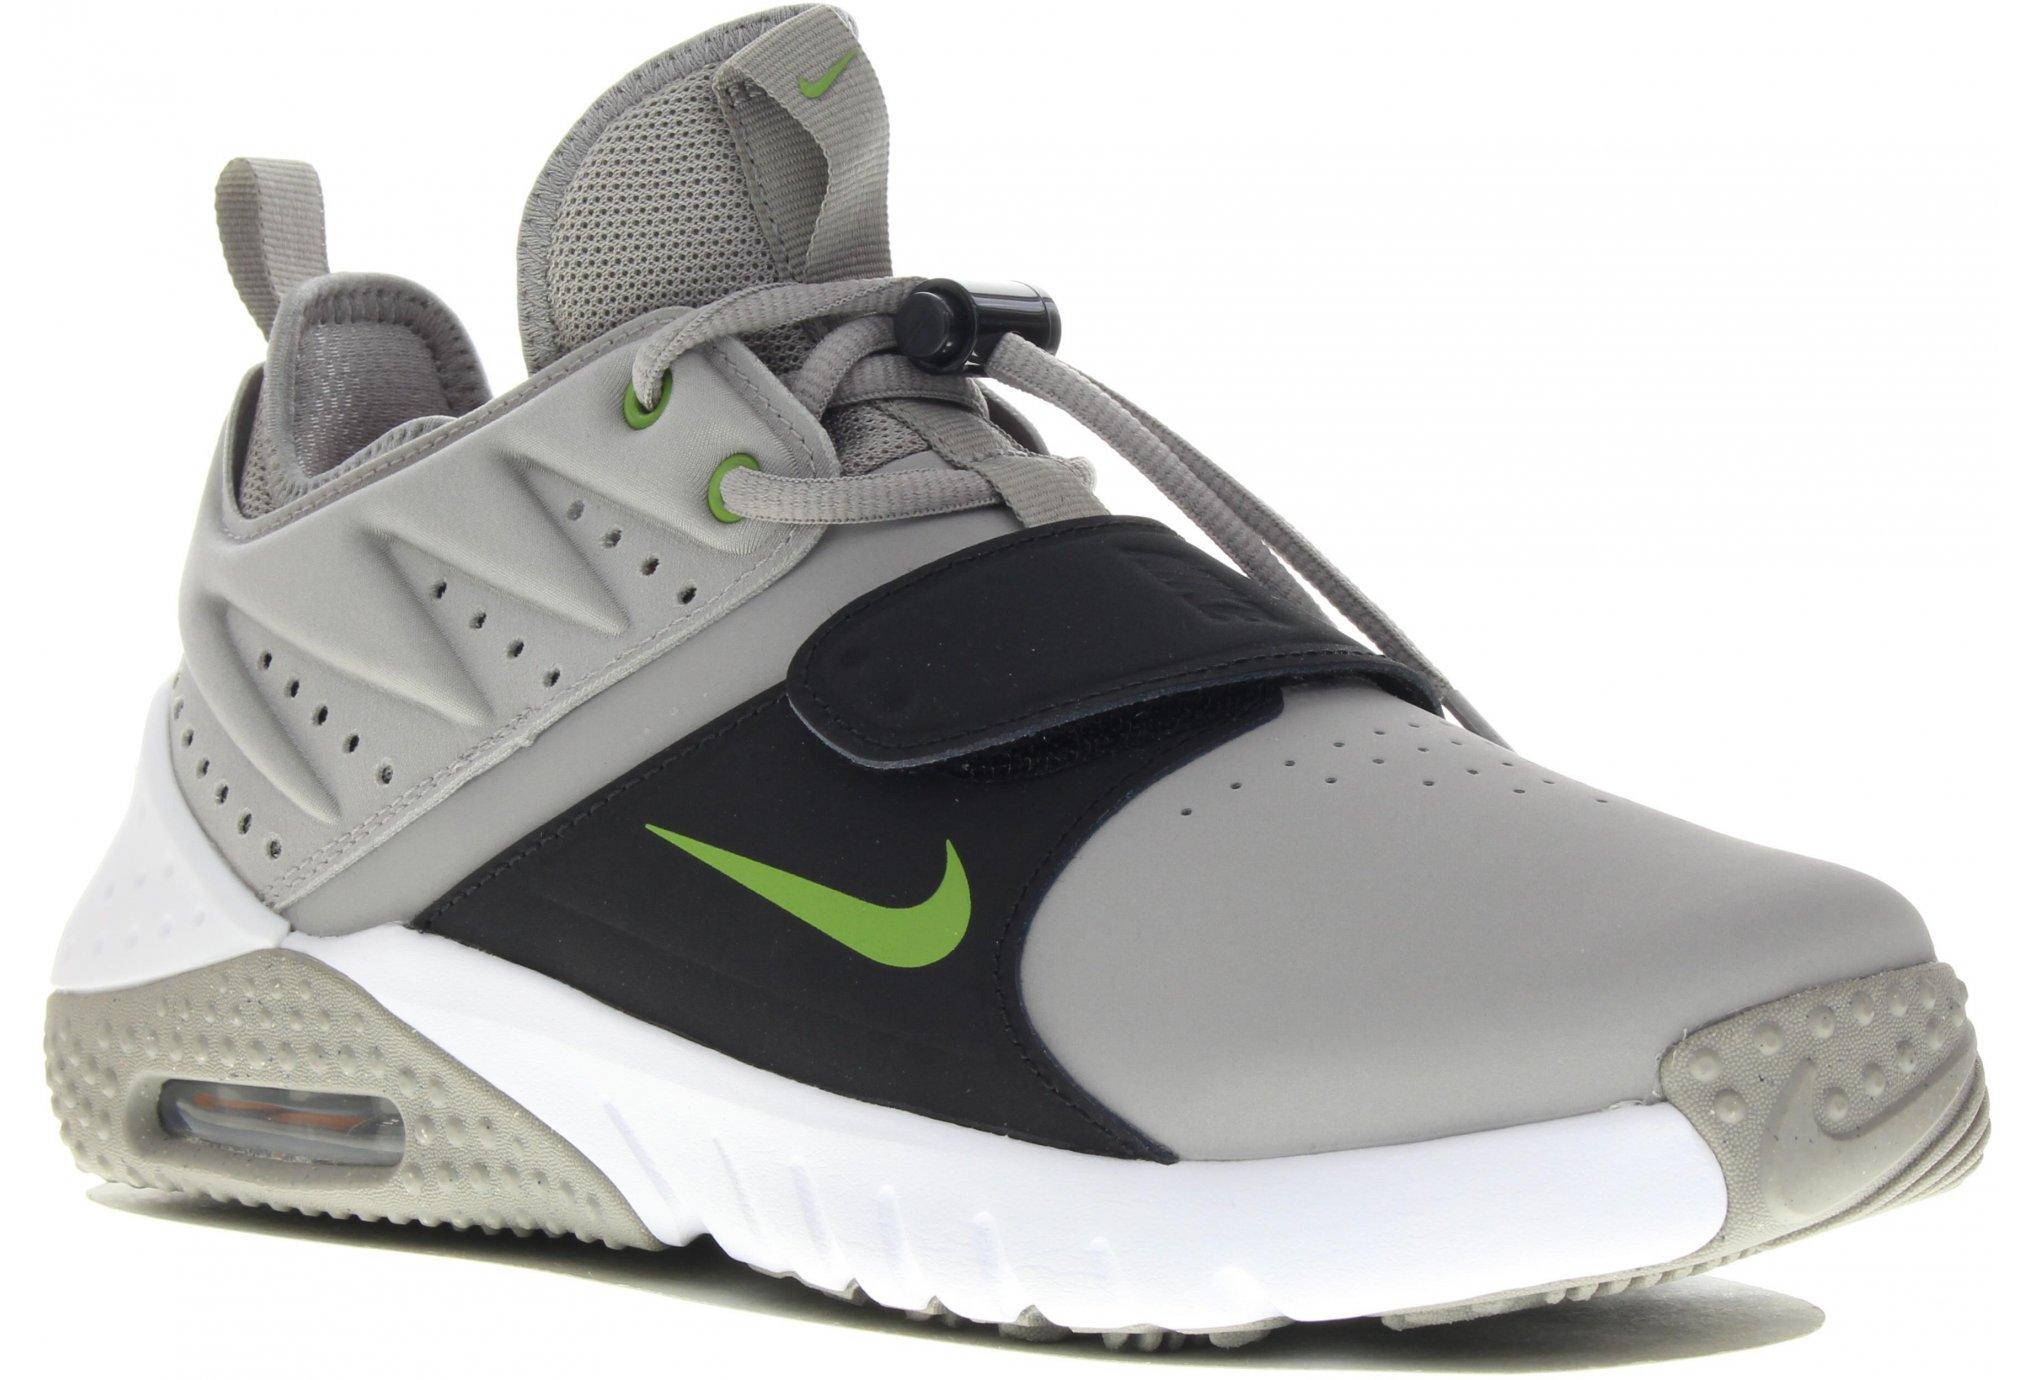 Nike Air Max Trainer 1 Leather M Diététique Chaussures homme